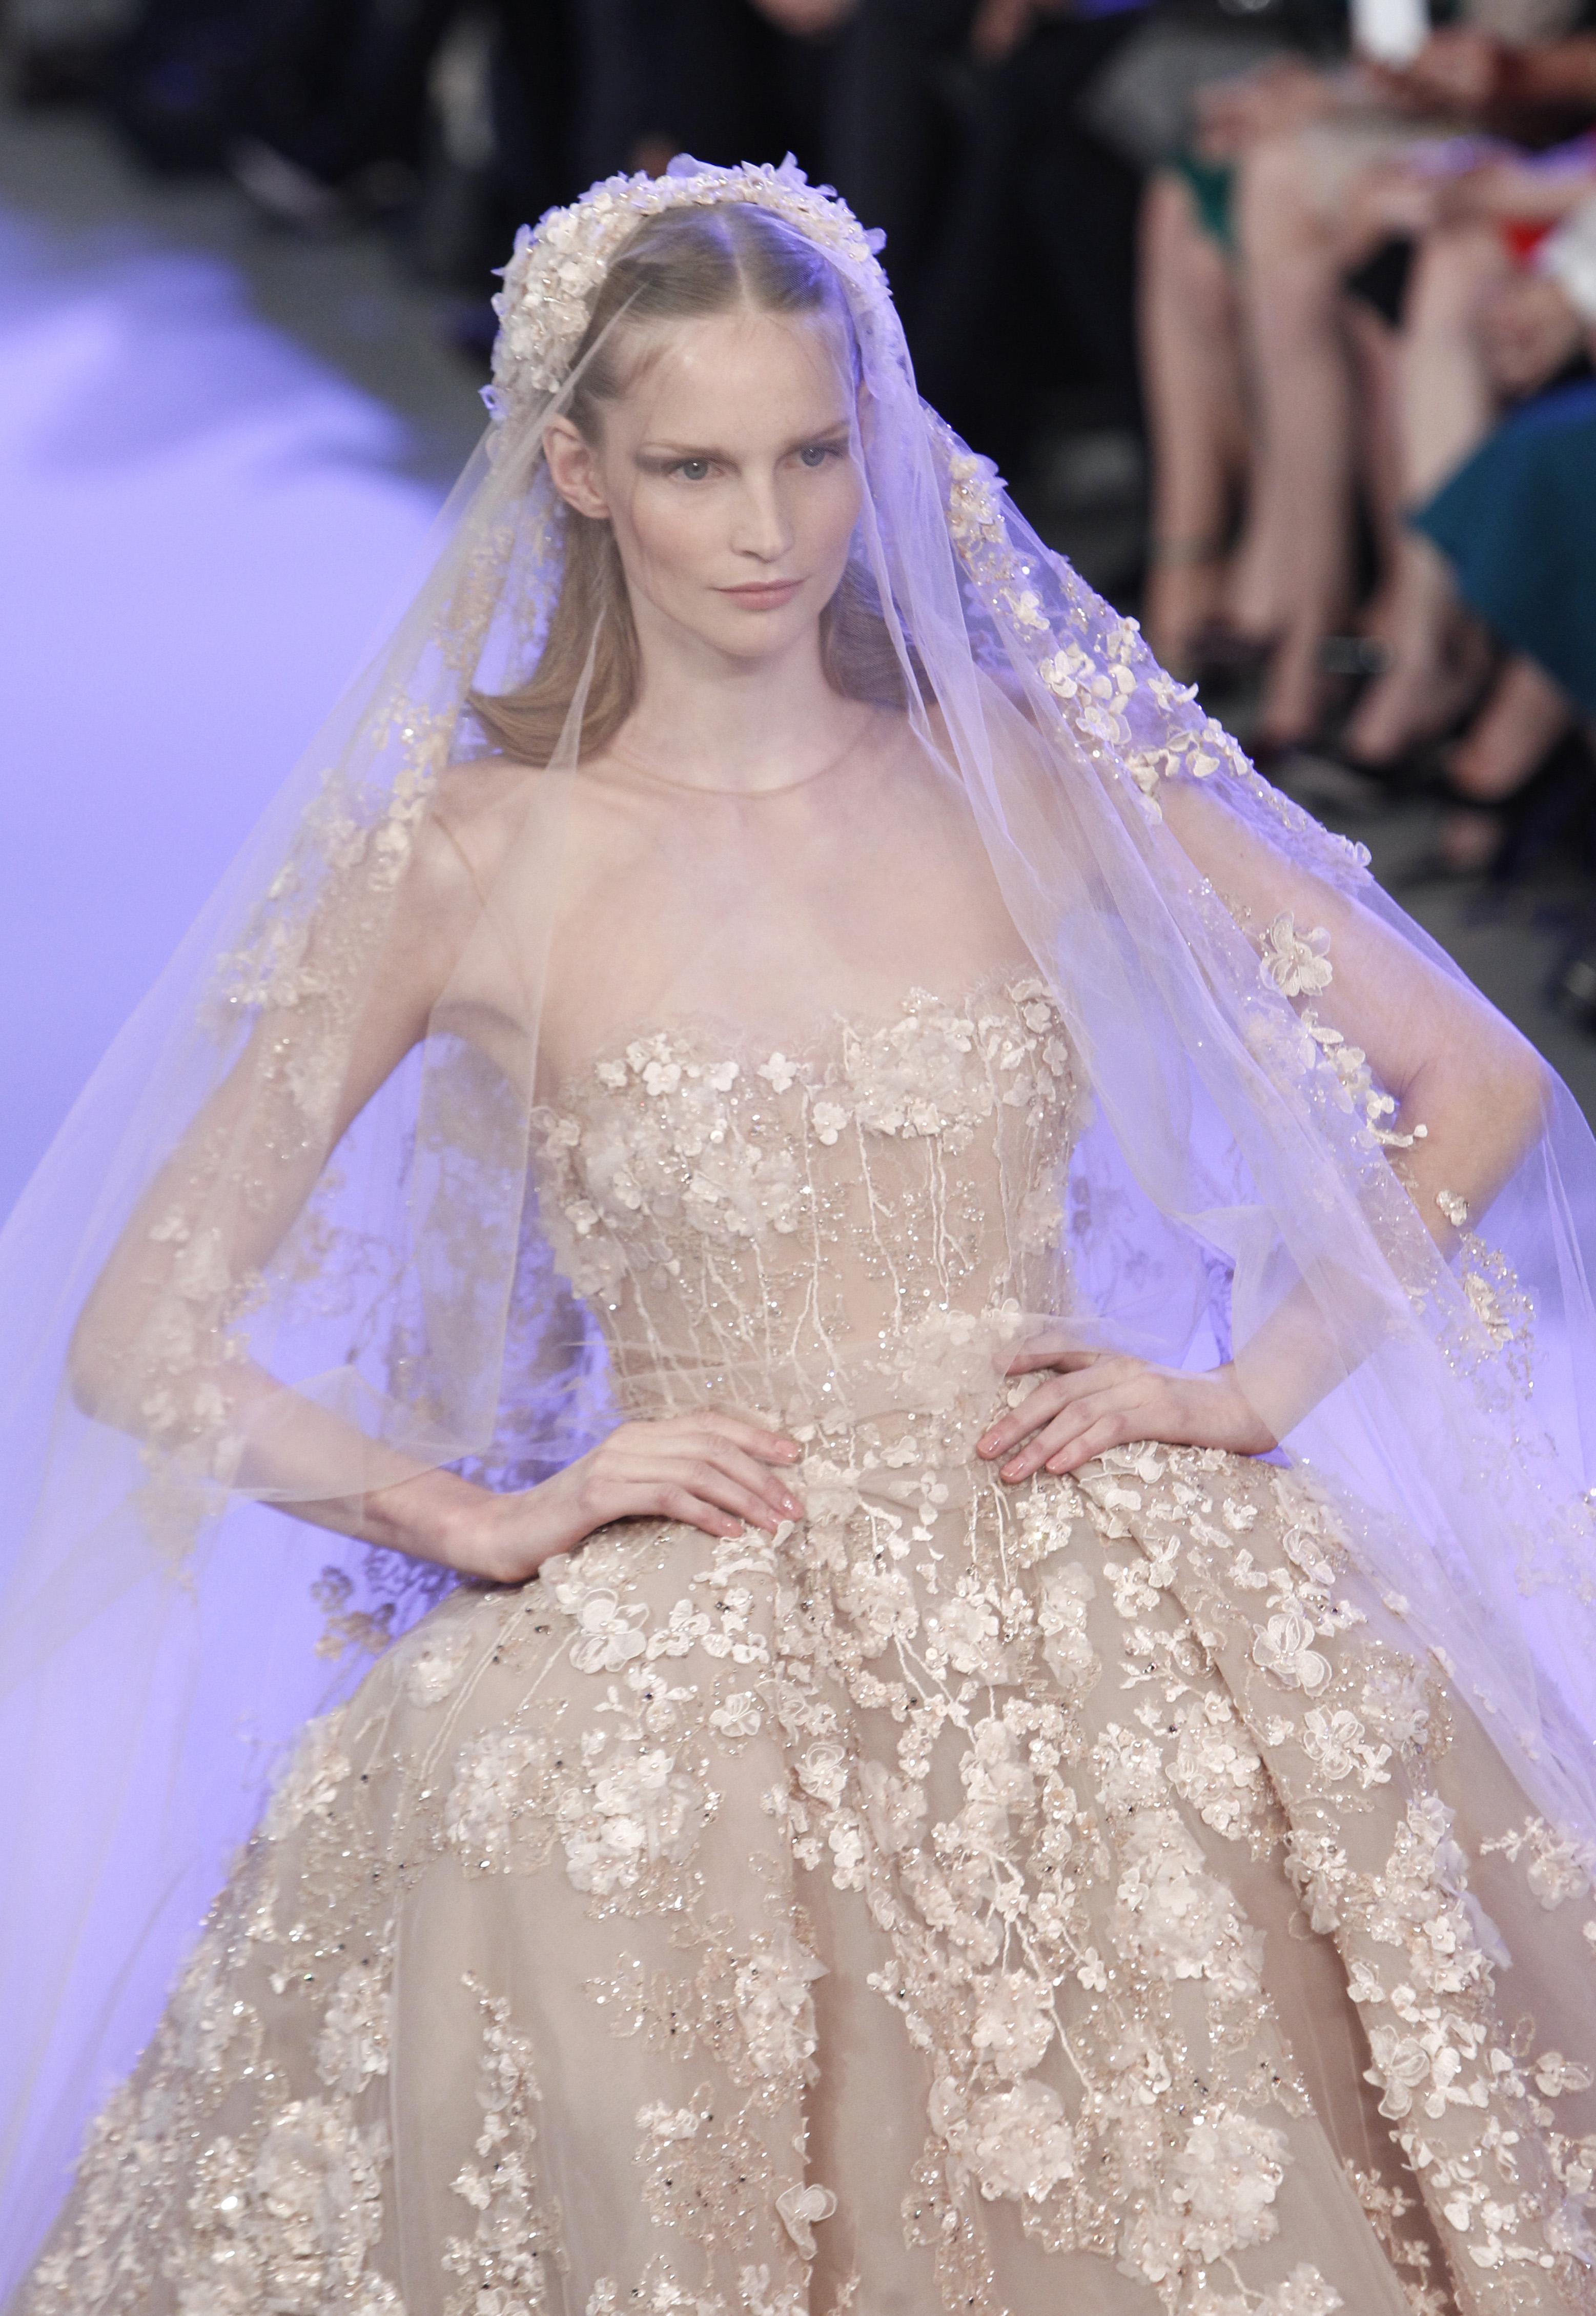 Образ невесты от Eliee Saab